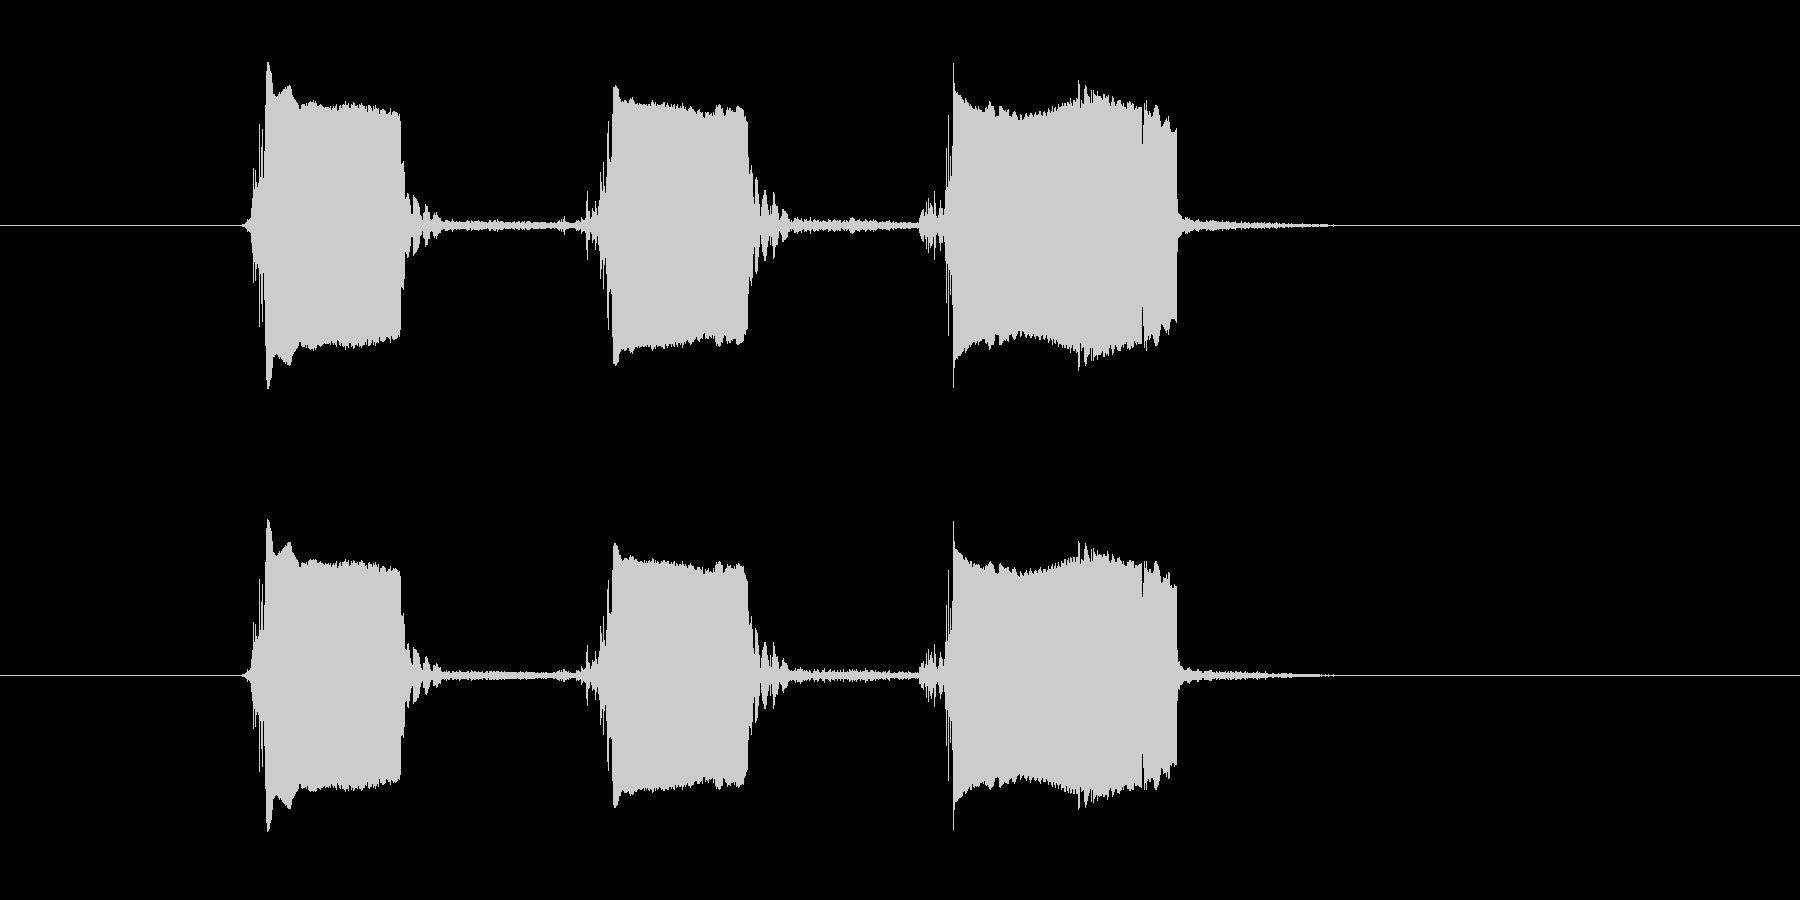 ピューピューピューイ!という移動音の未再生の波形